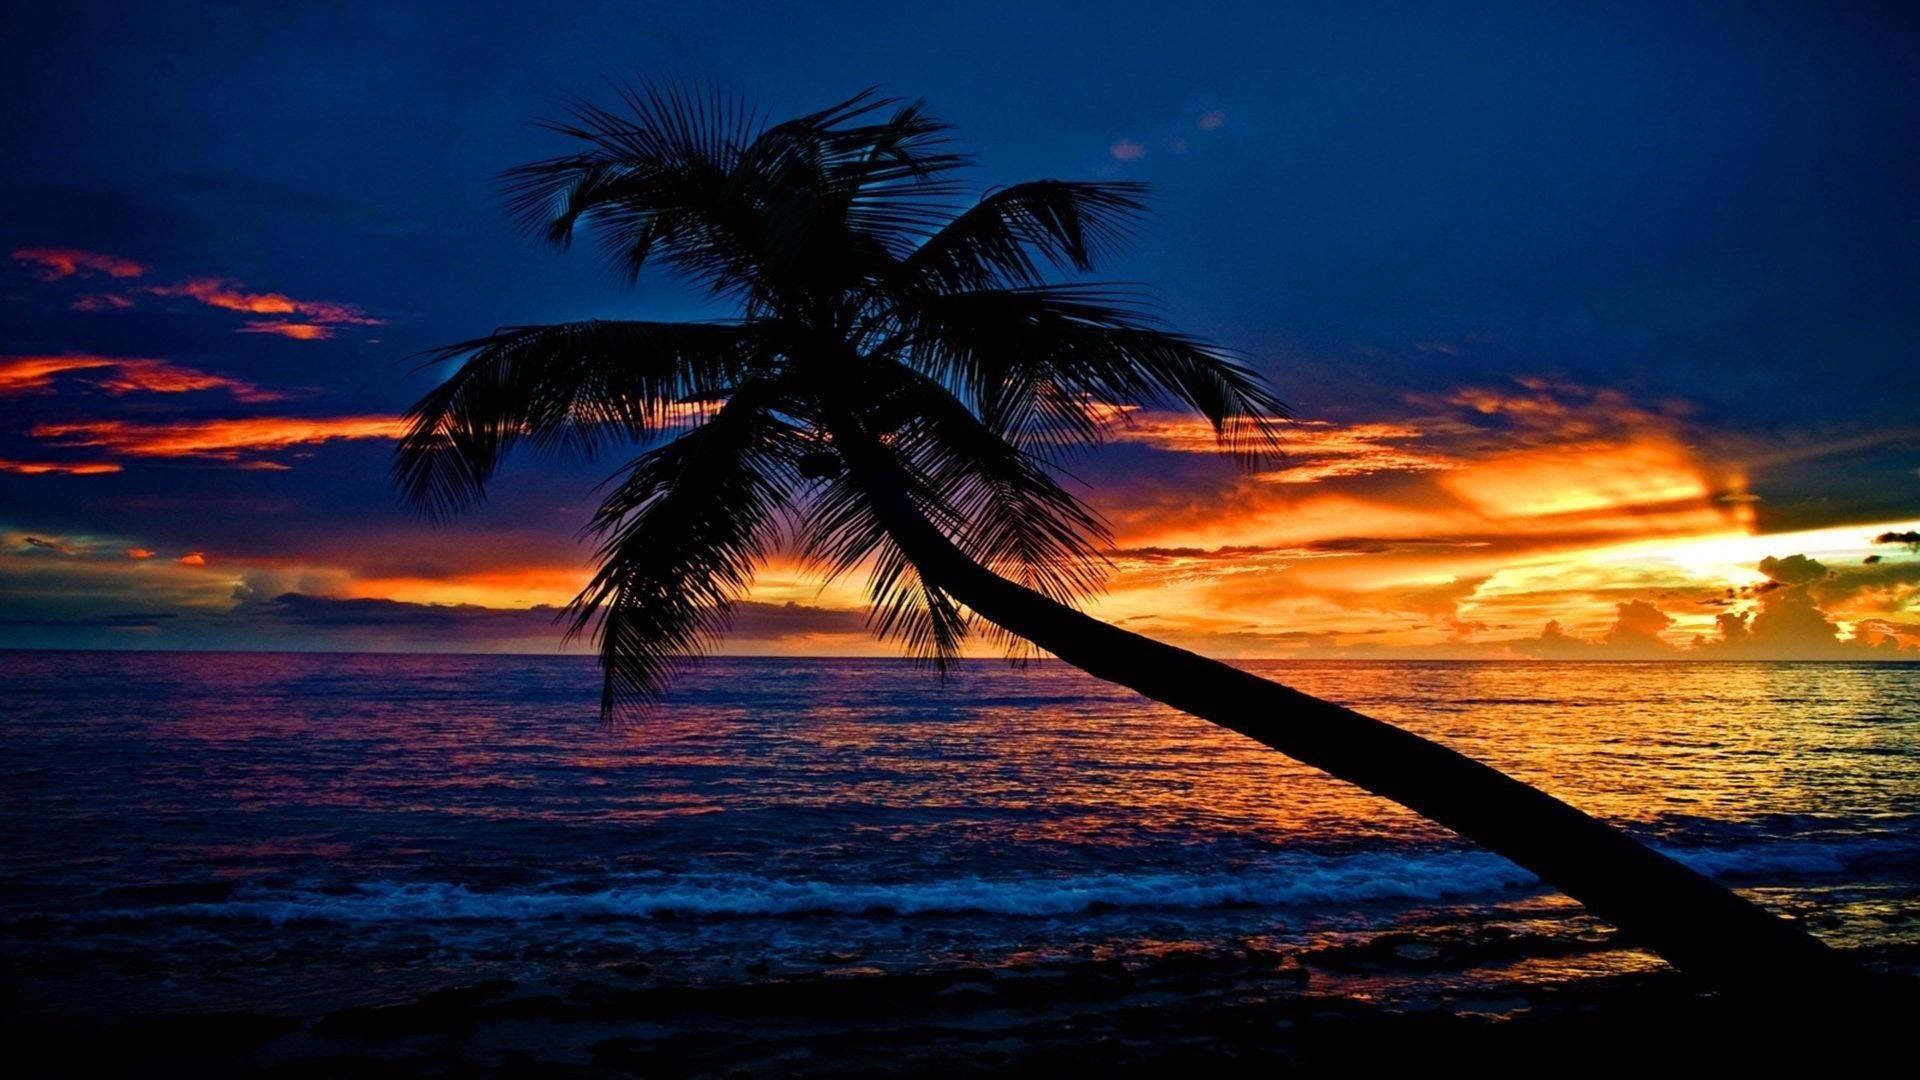 Тропический закат пляж наклонная пальма океанские волны небо облака силуэт фон природа обои скачать